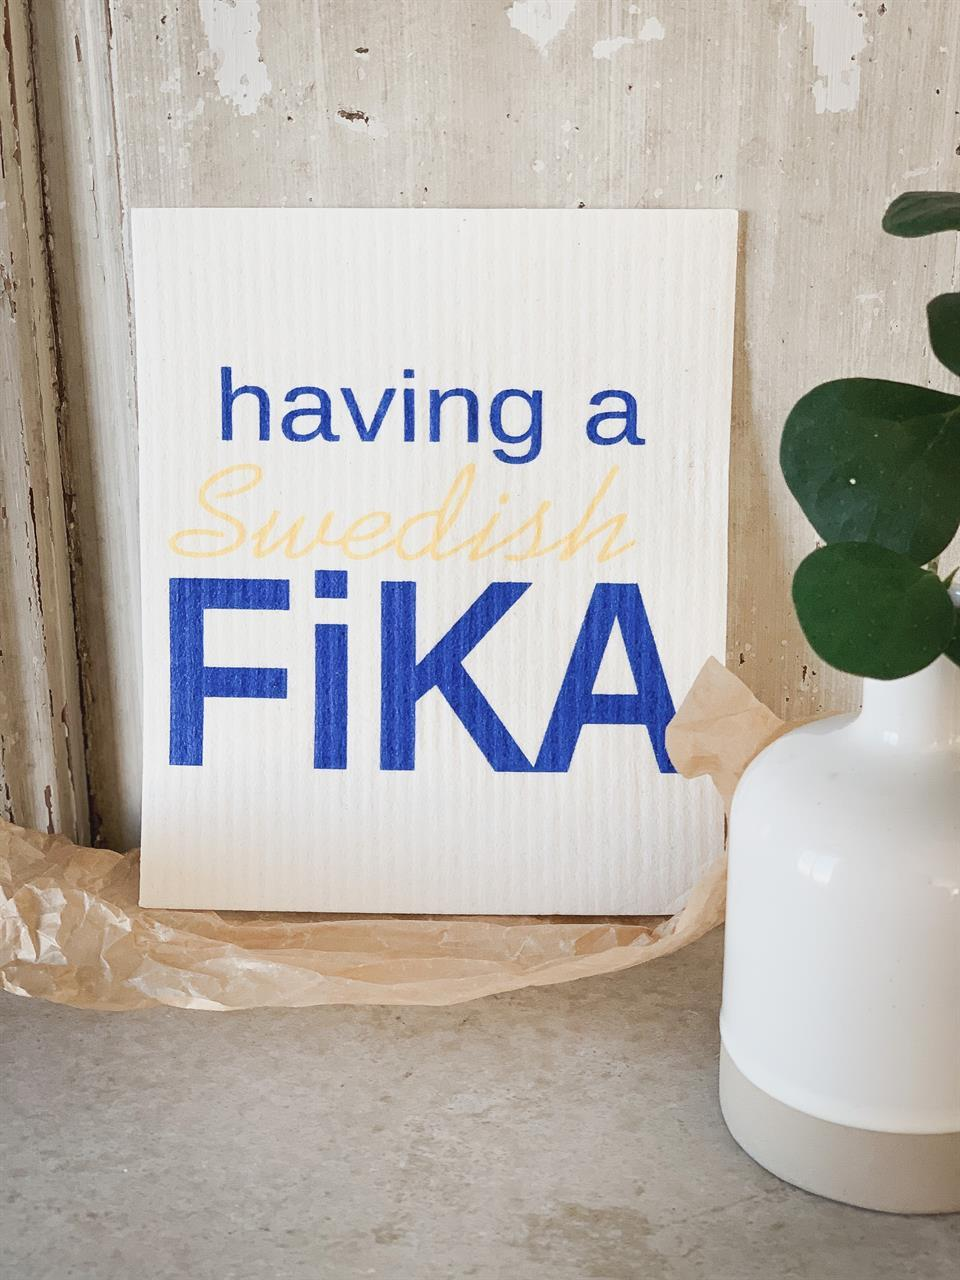 Disktrasa, Swedish Fika, vit/blå-gul text